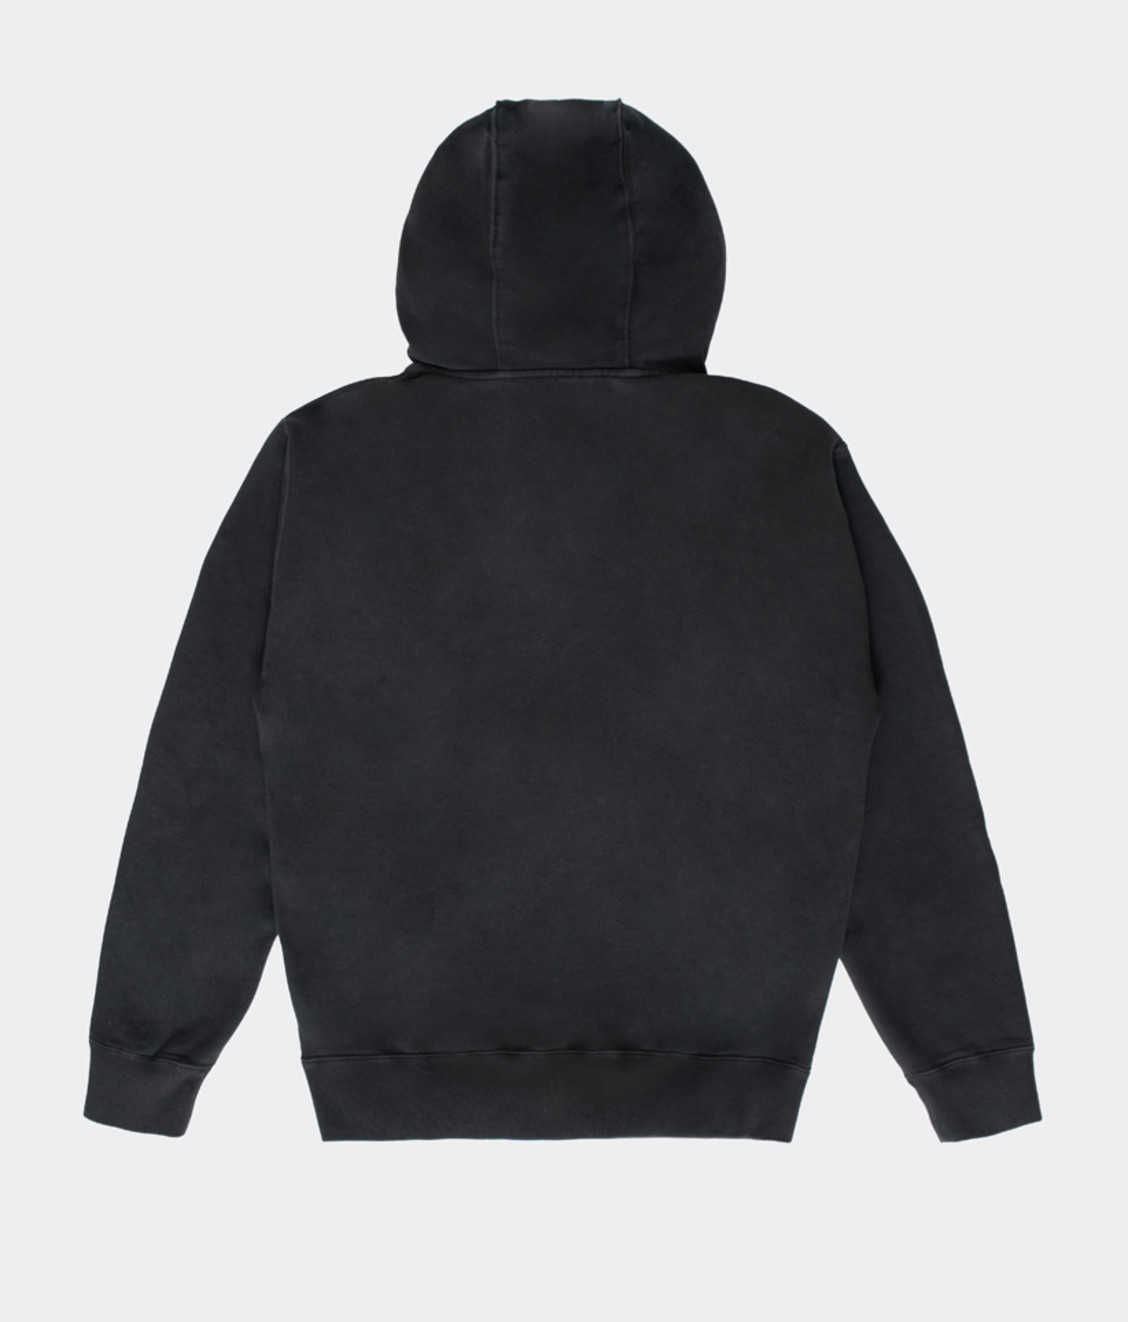 Nike Nike NRG Hoodie Wash Black/White